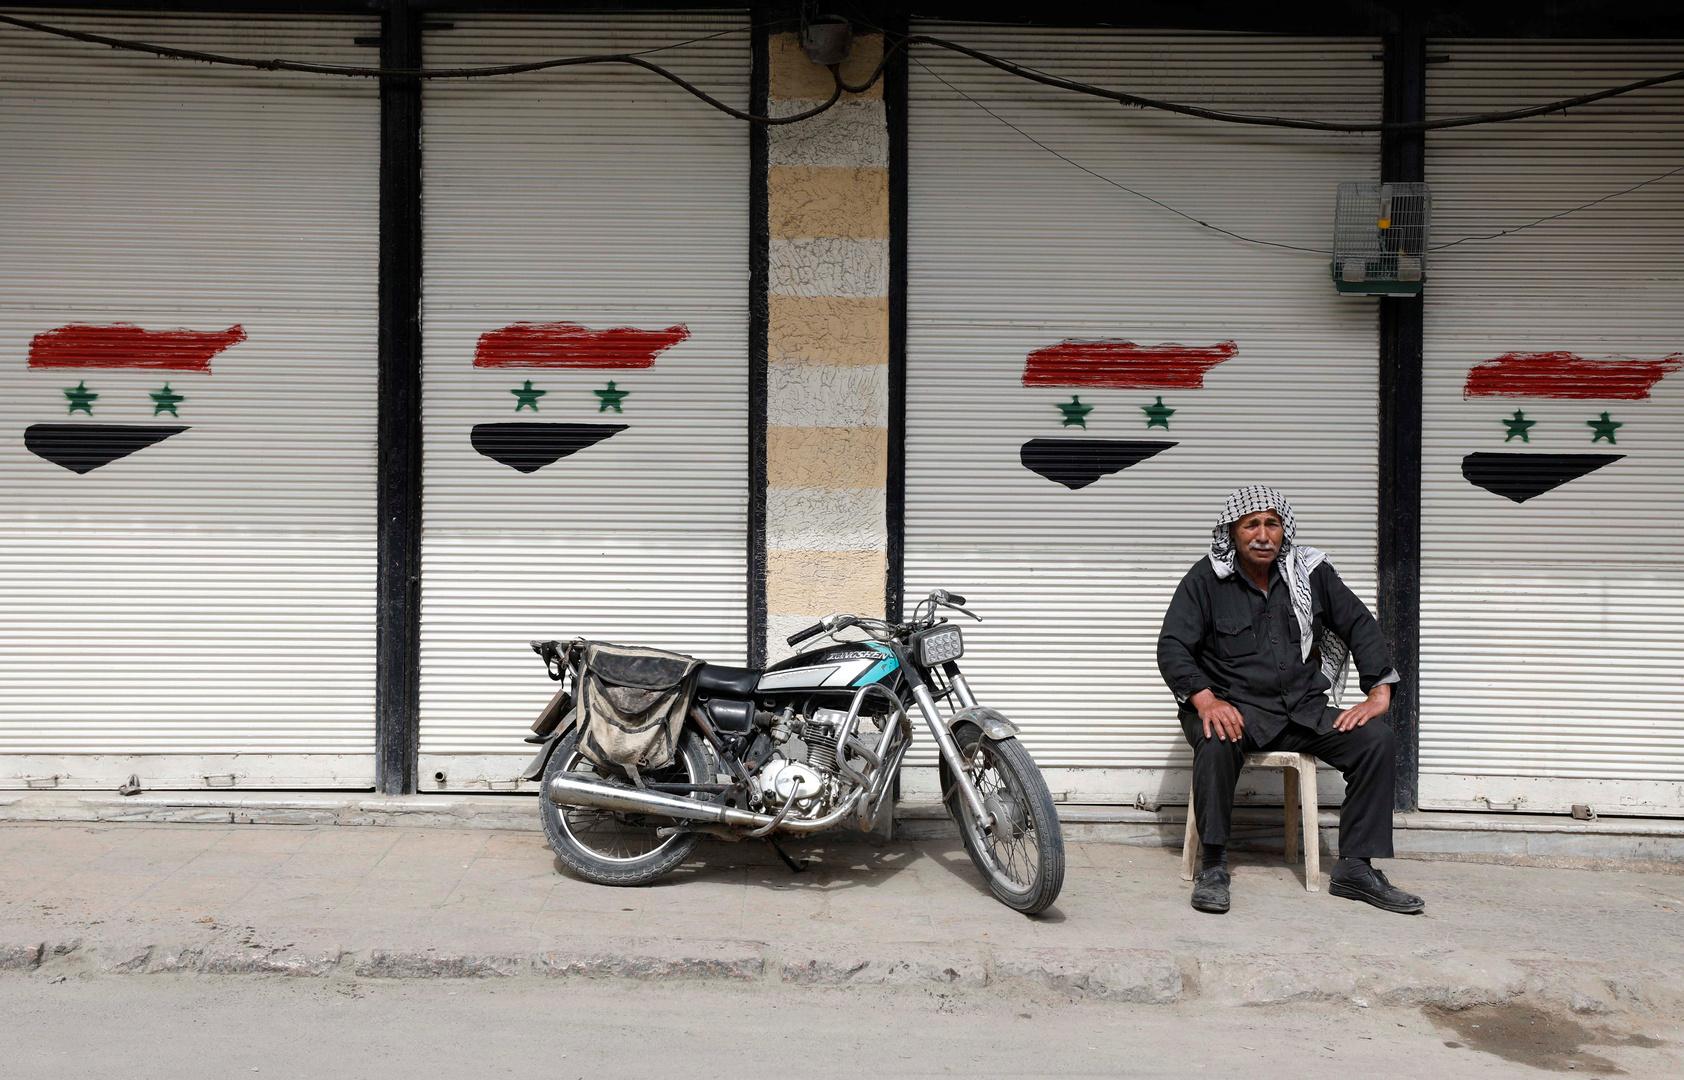 السفارة السورية في الإمارات تفتح أبوابها للراغبين بالتصويت في الانتخابات الرئاسية المرتقبة